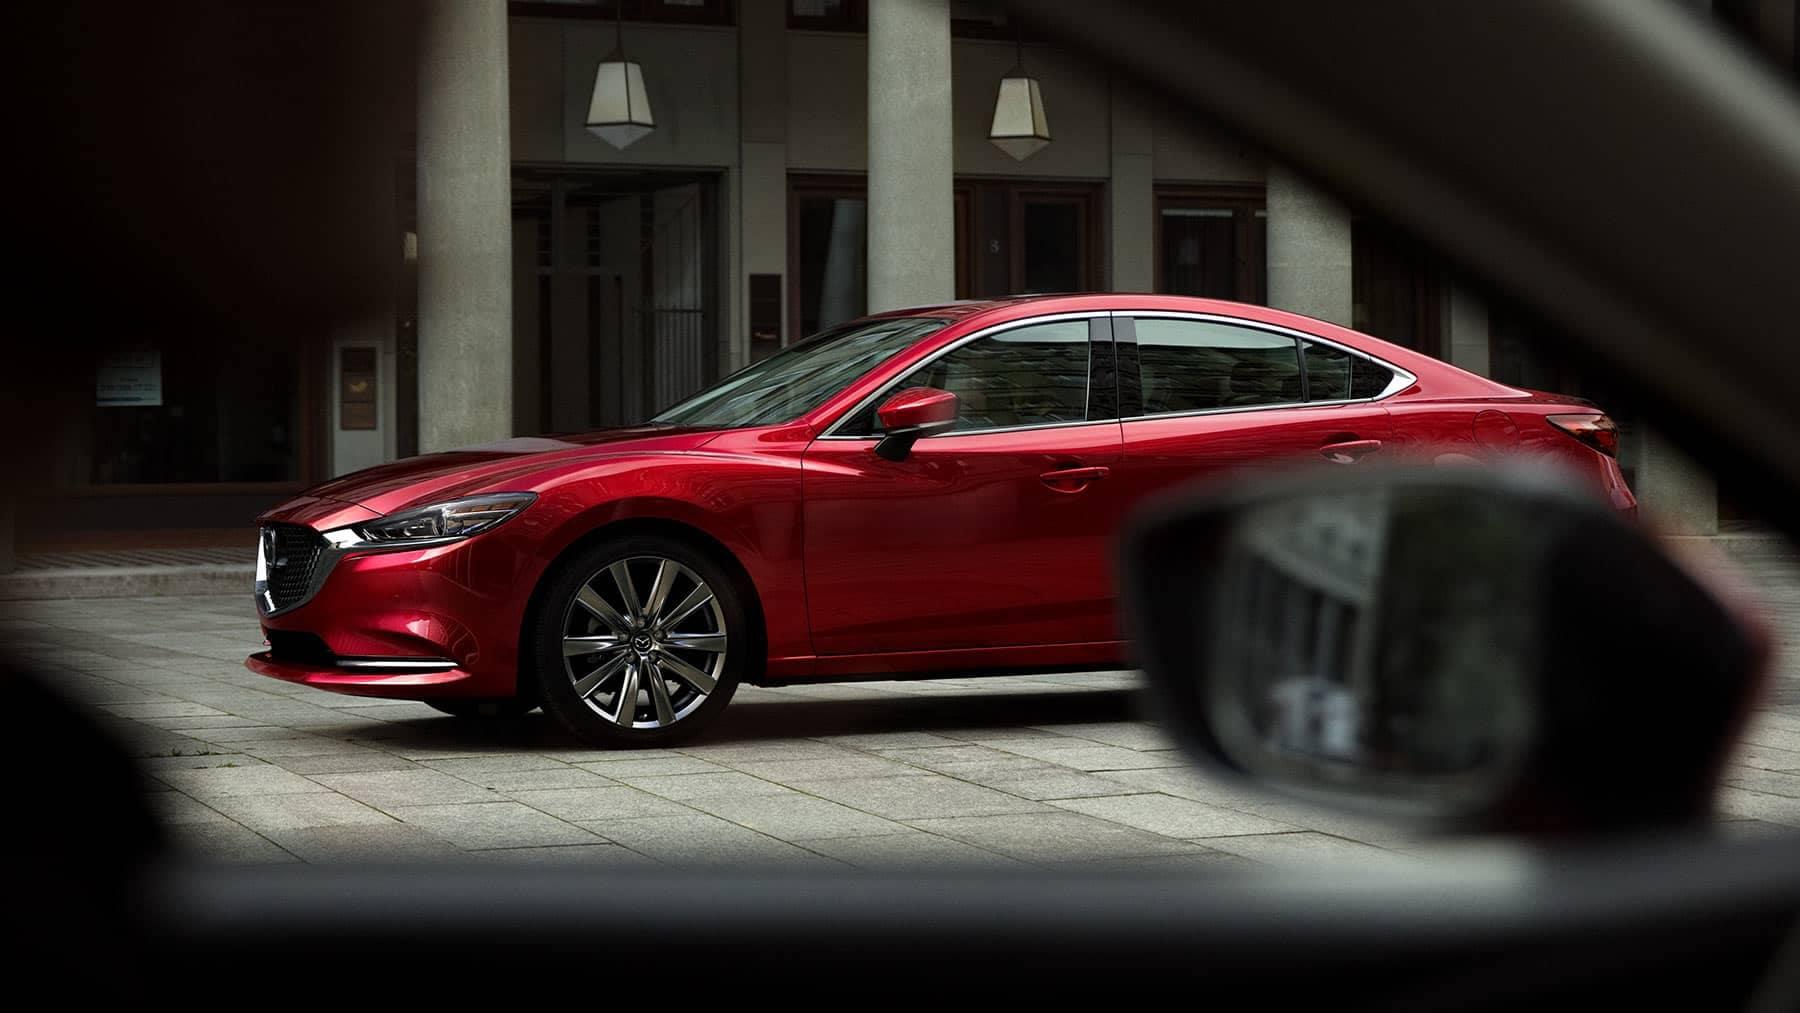 2018 Mazda 6 Parked